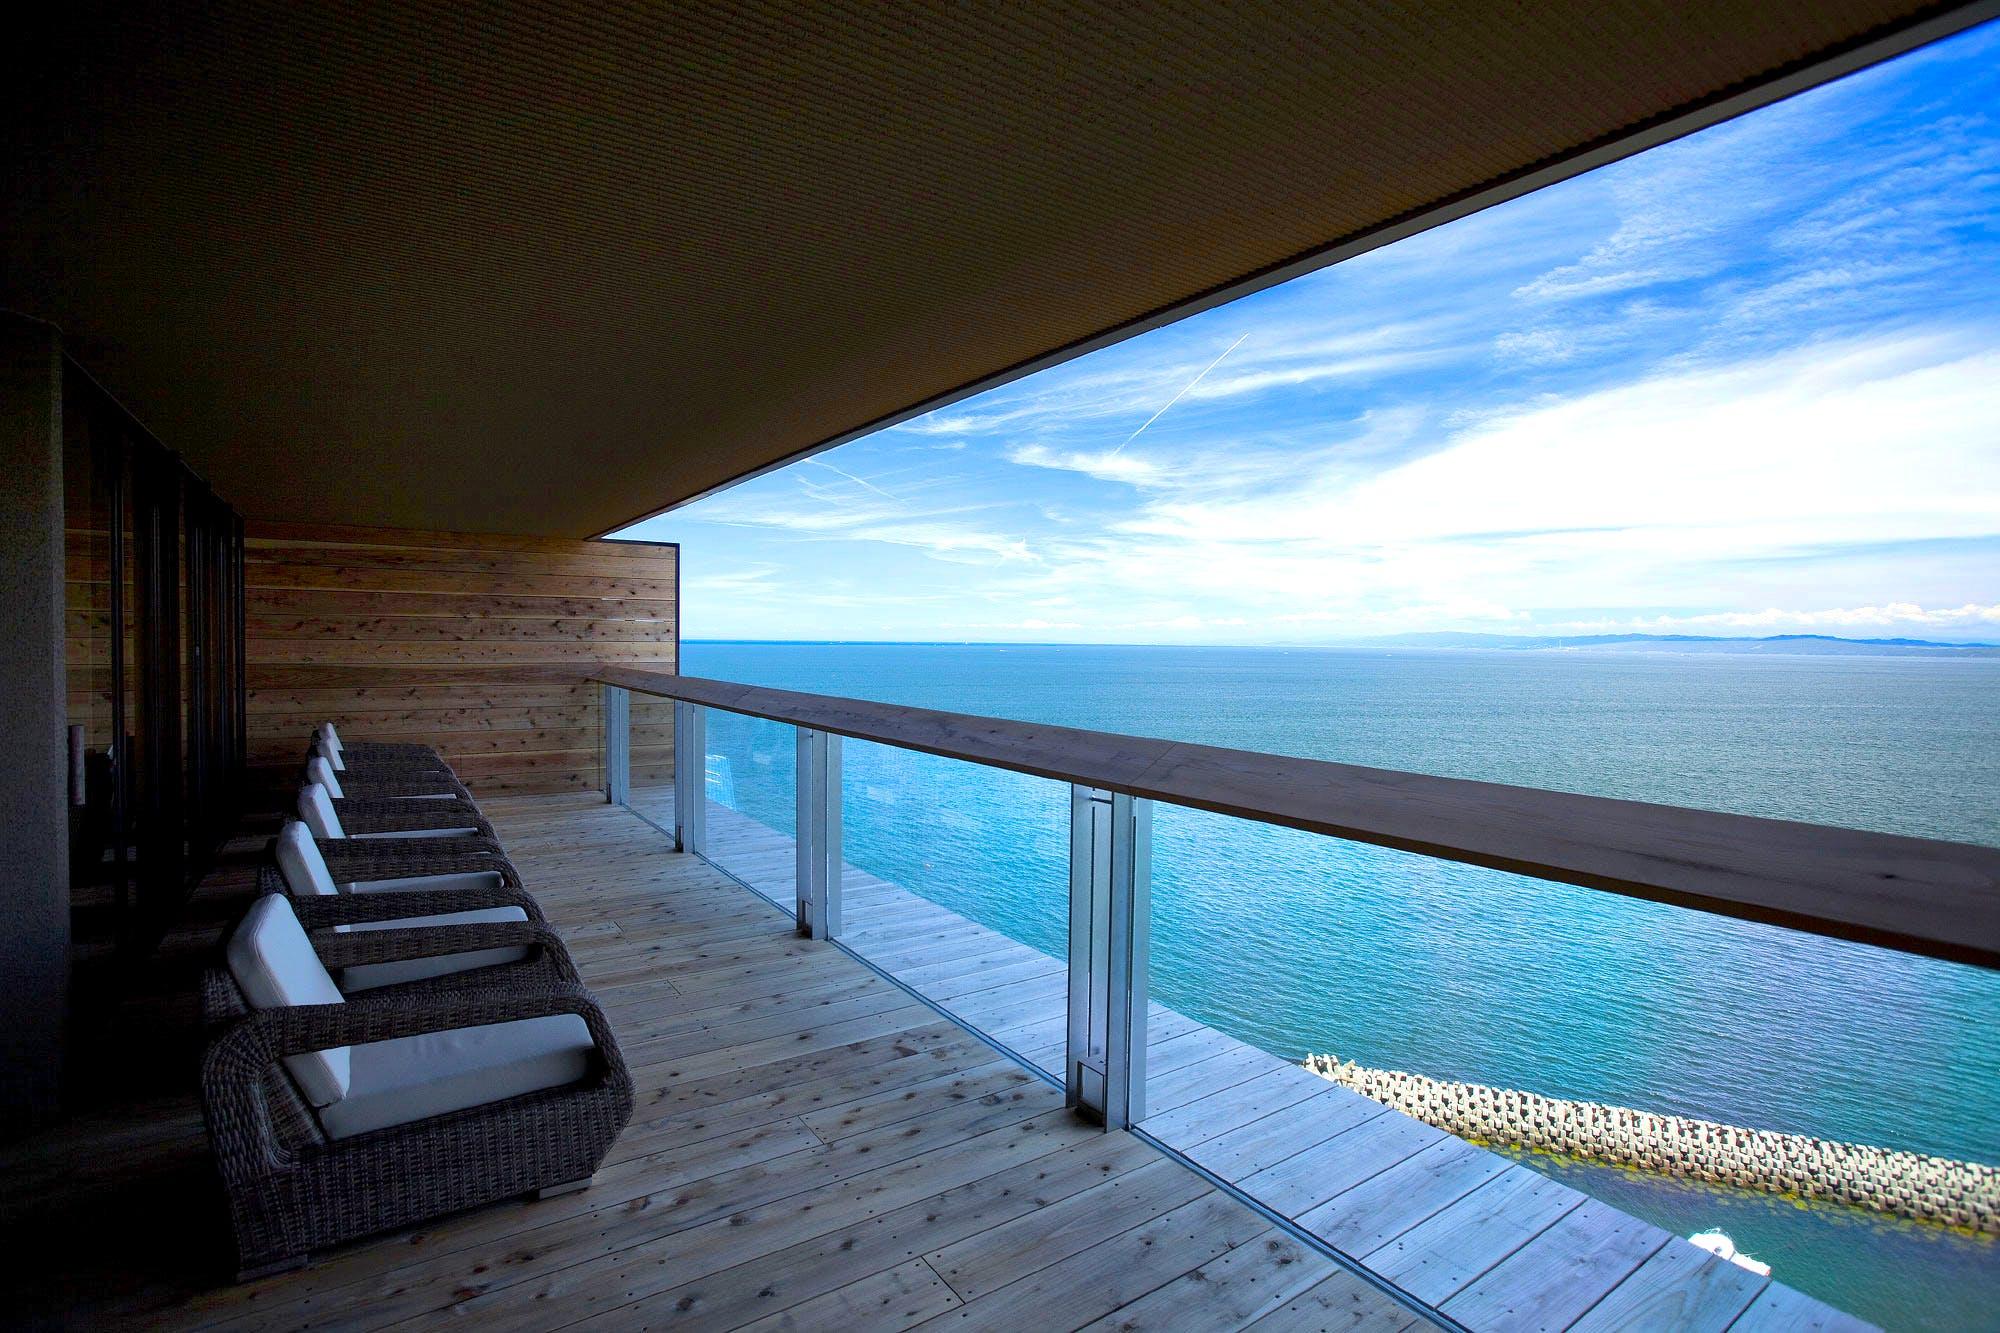 淡路島で美しい海を望む絶景露天風呂を備えたリゾートホテル